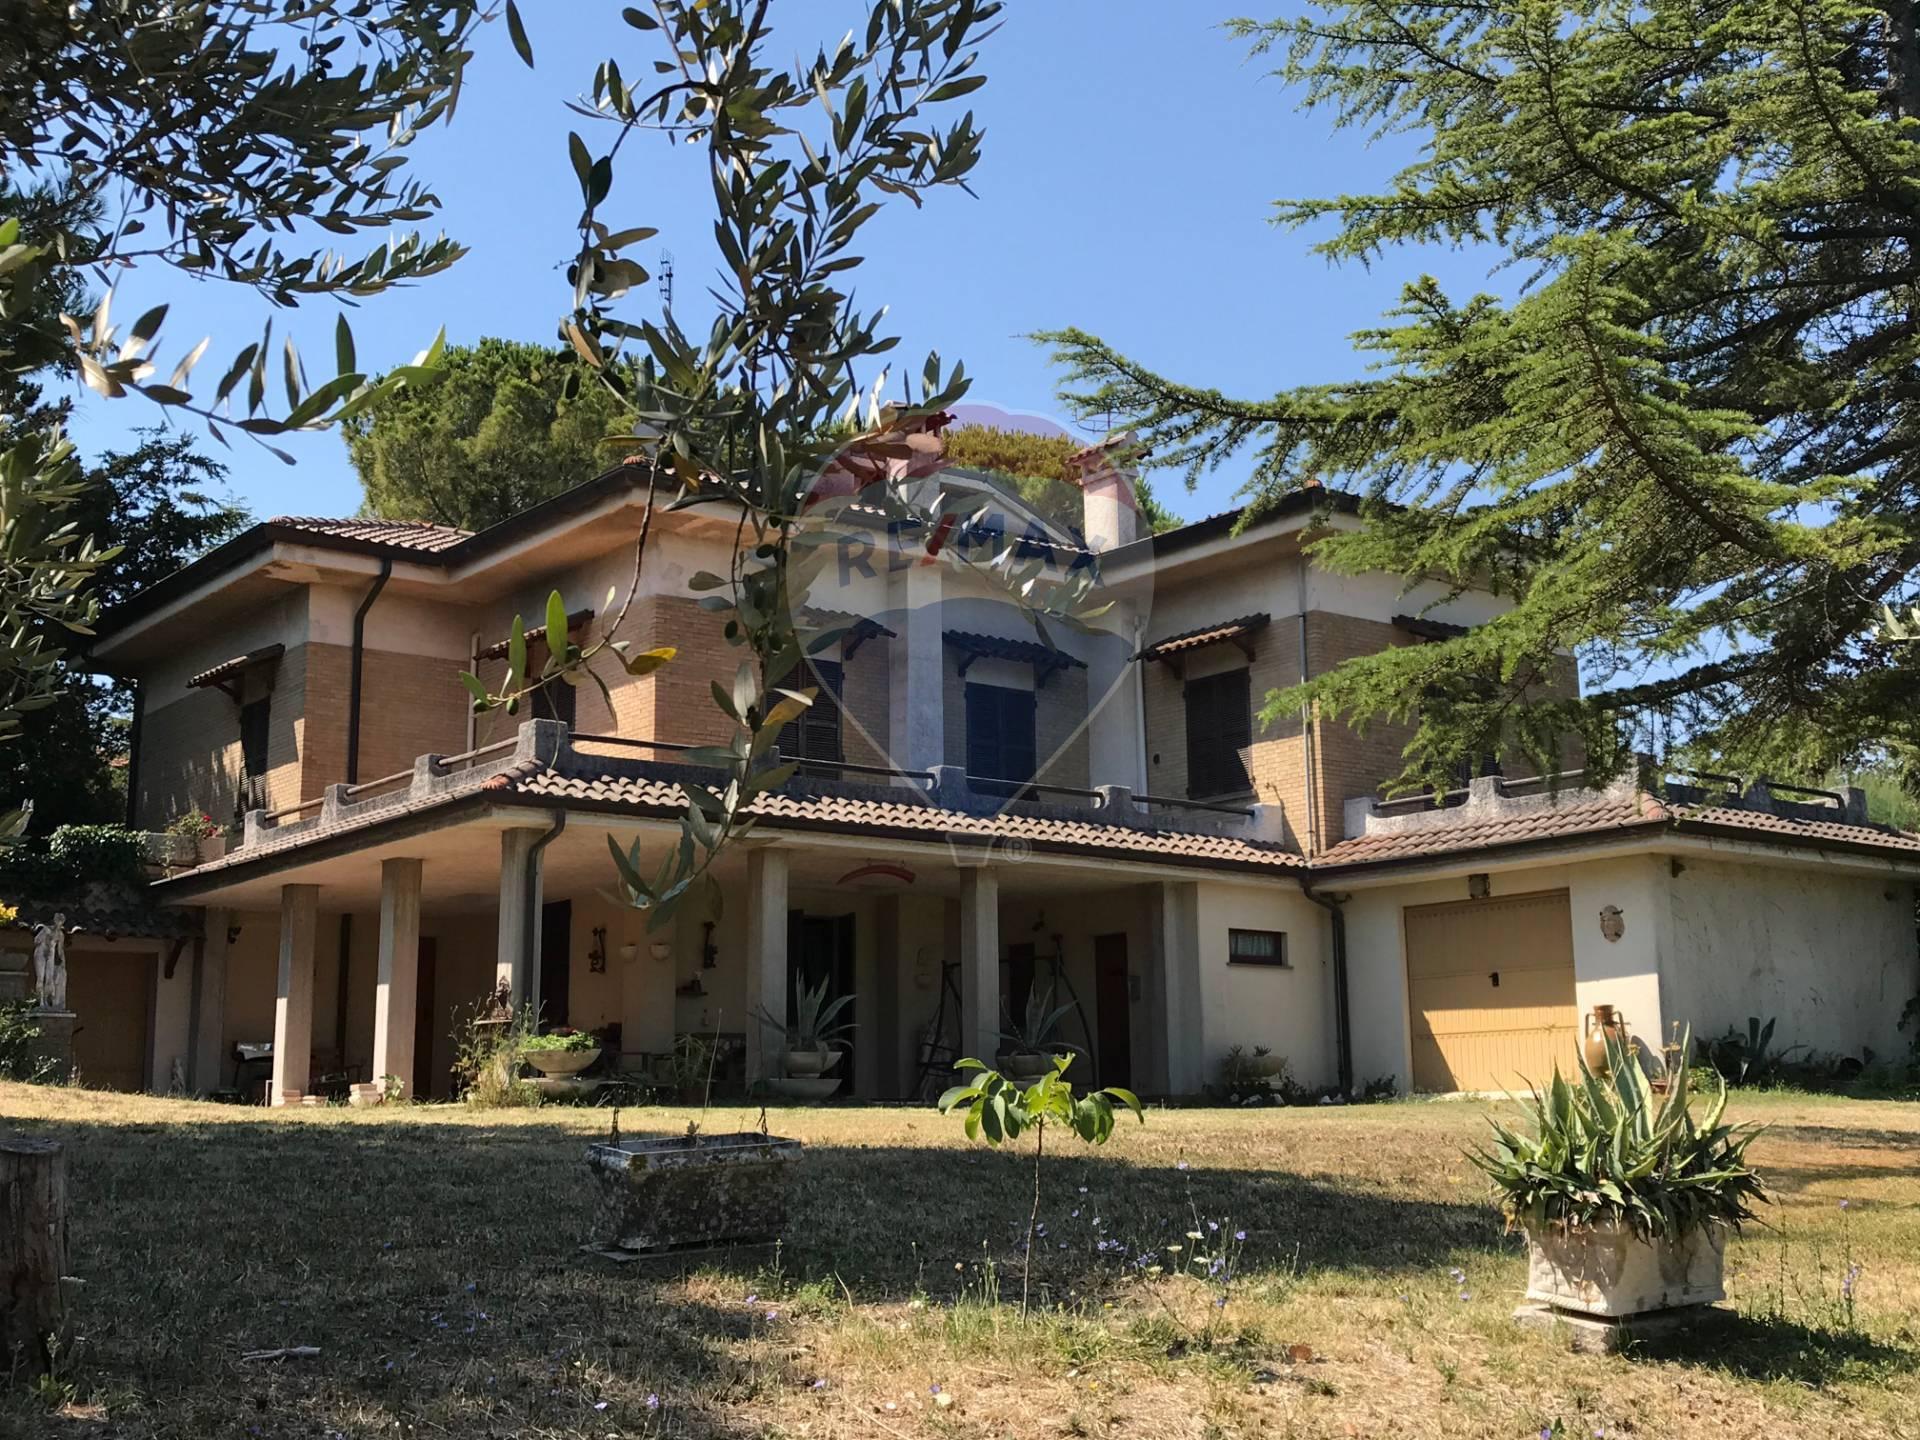 Villa in vendita a Senigallia, 5 locali, zona Località: S.Angelo, prezzo € 835.000 | CambioCasa.it